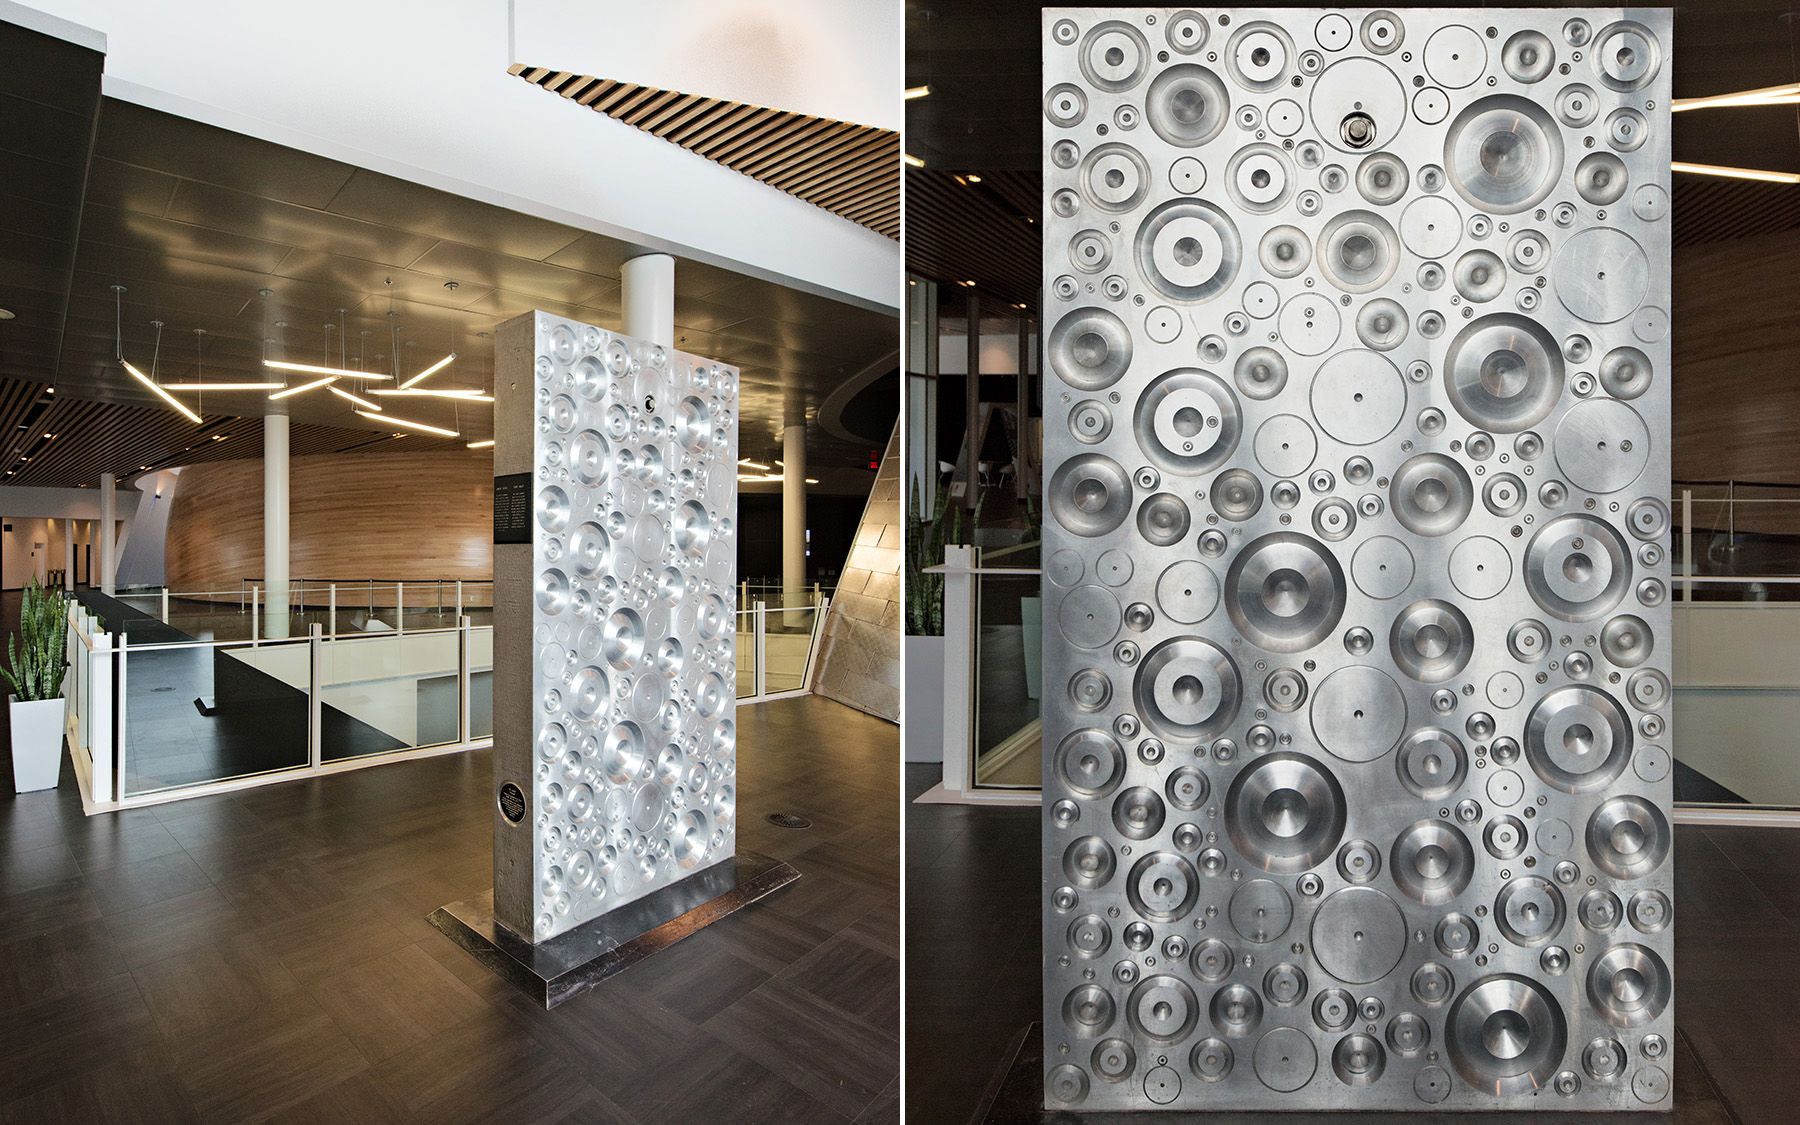 architectural-photography-montreal-planetarium-rio-tinto-alcan-004